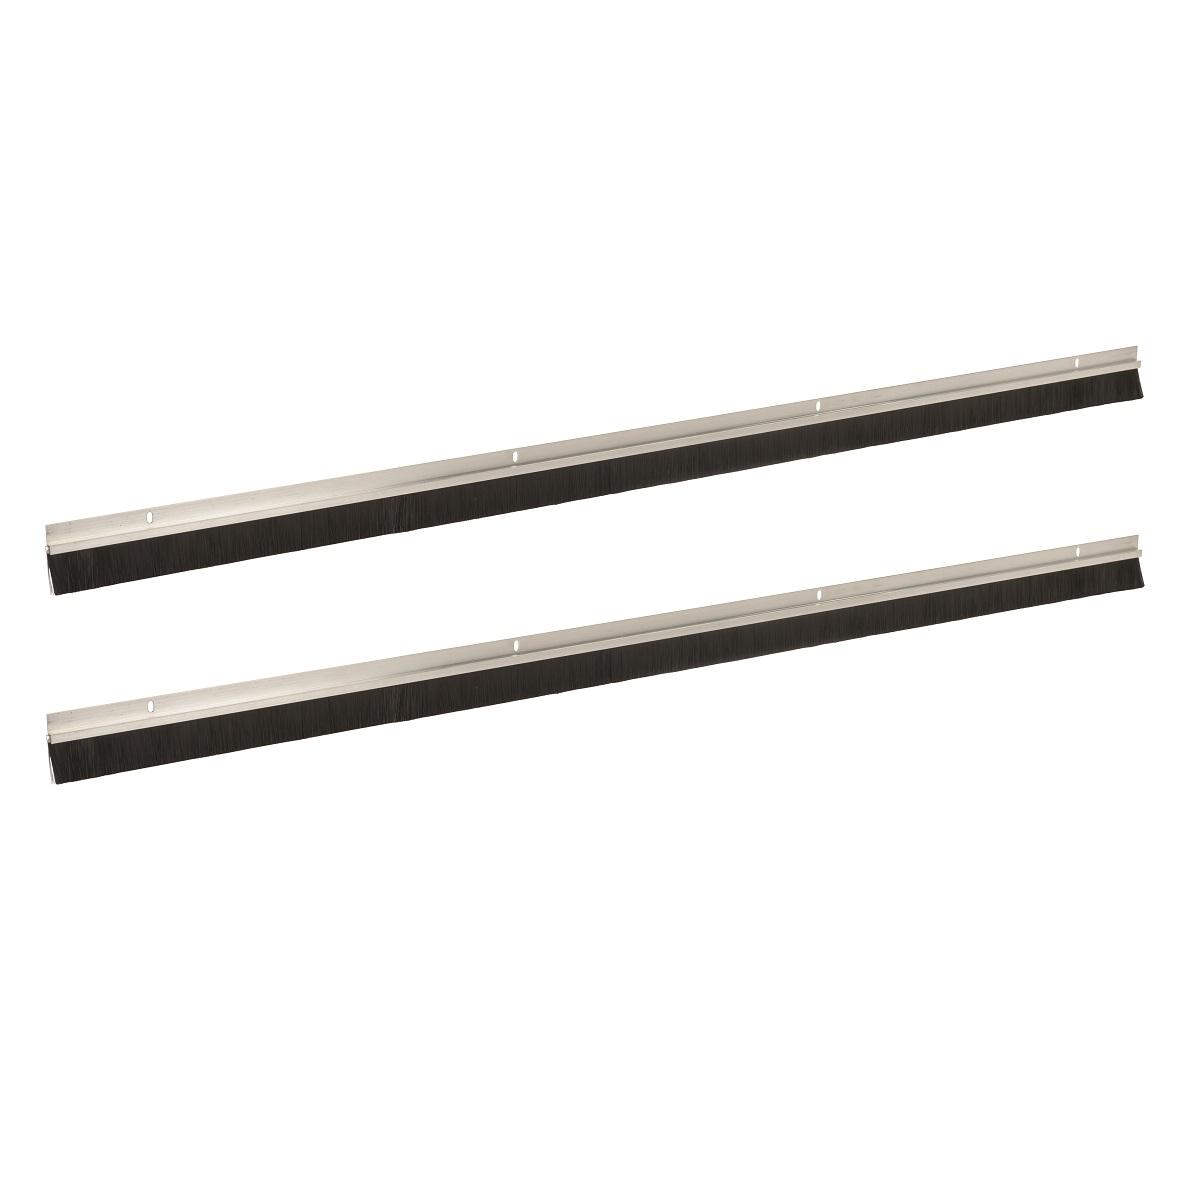 bas de porte de garage aluminium et brosse avec poils de 25 mm fixman 941510 outillage. Black Bedroom Furniture Sets. Home Design Ideas